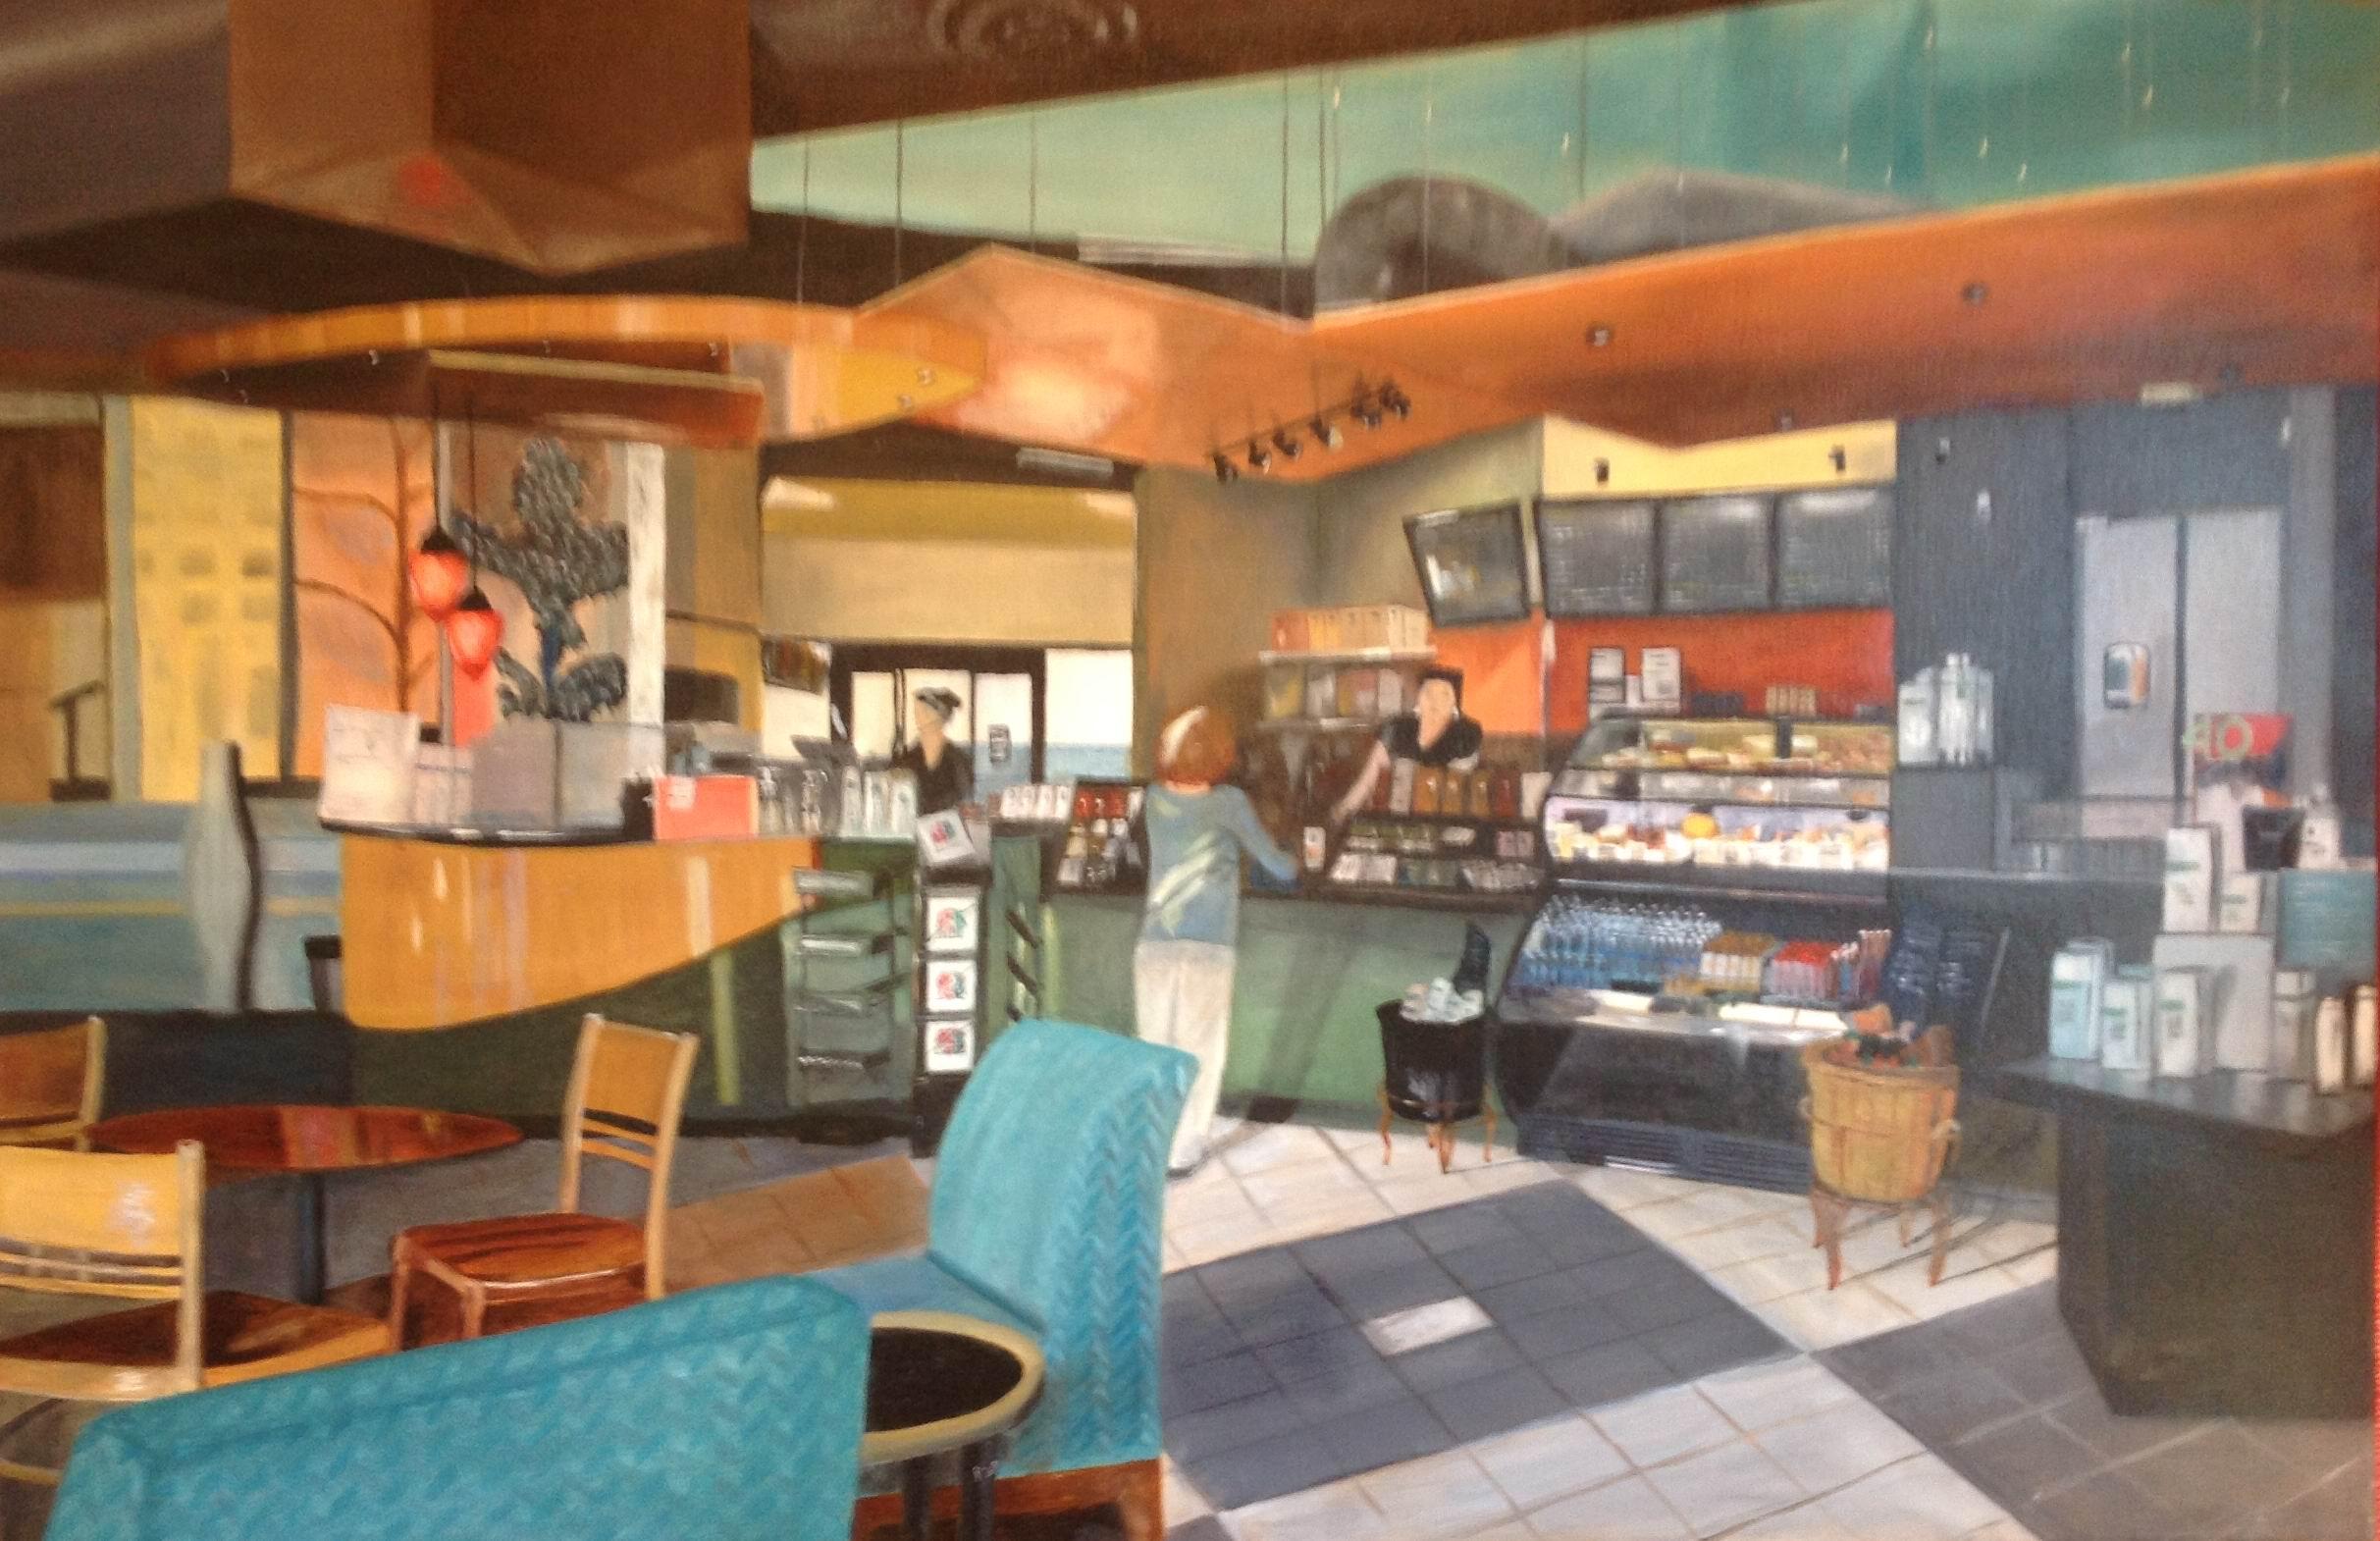 Cafe 2 - 24x36